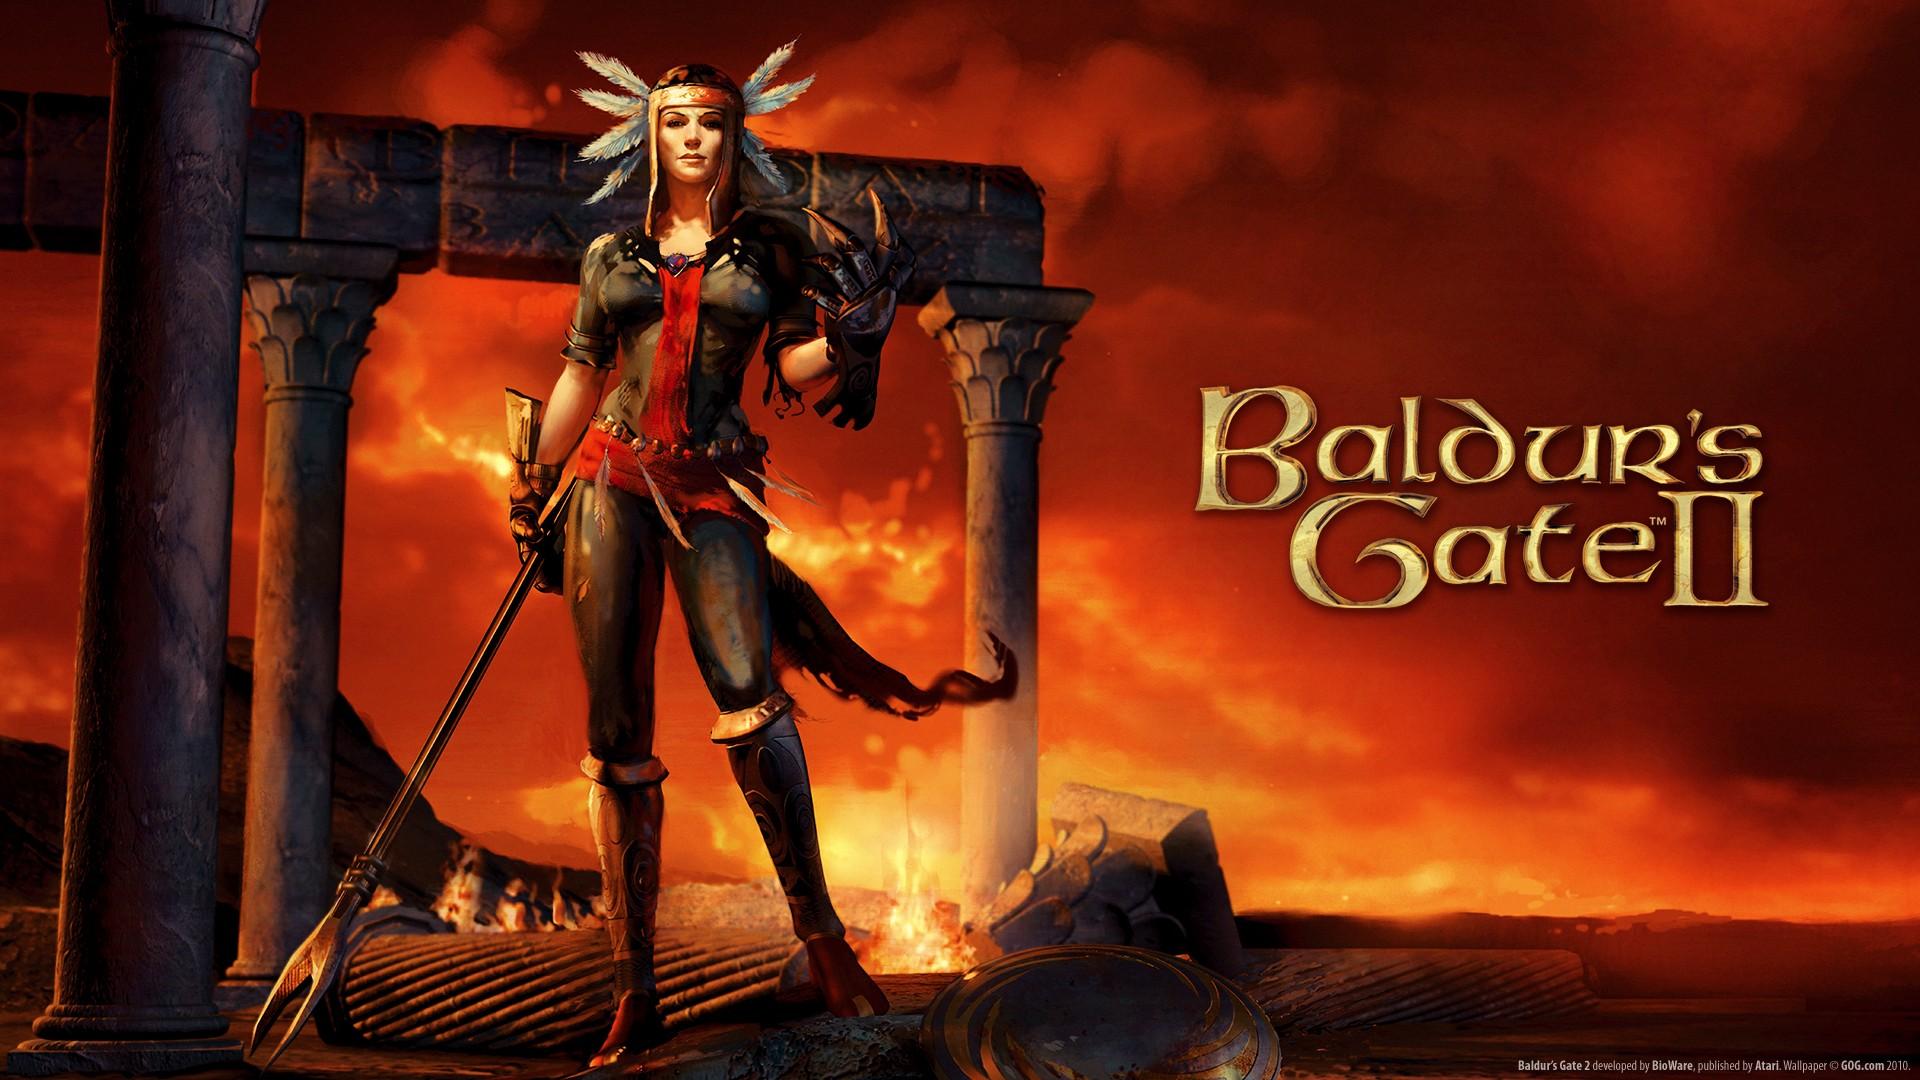 Baldur S Gate Ii Shadows Of Amn Details Launchbox Games